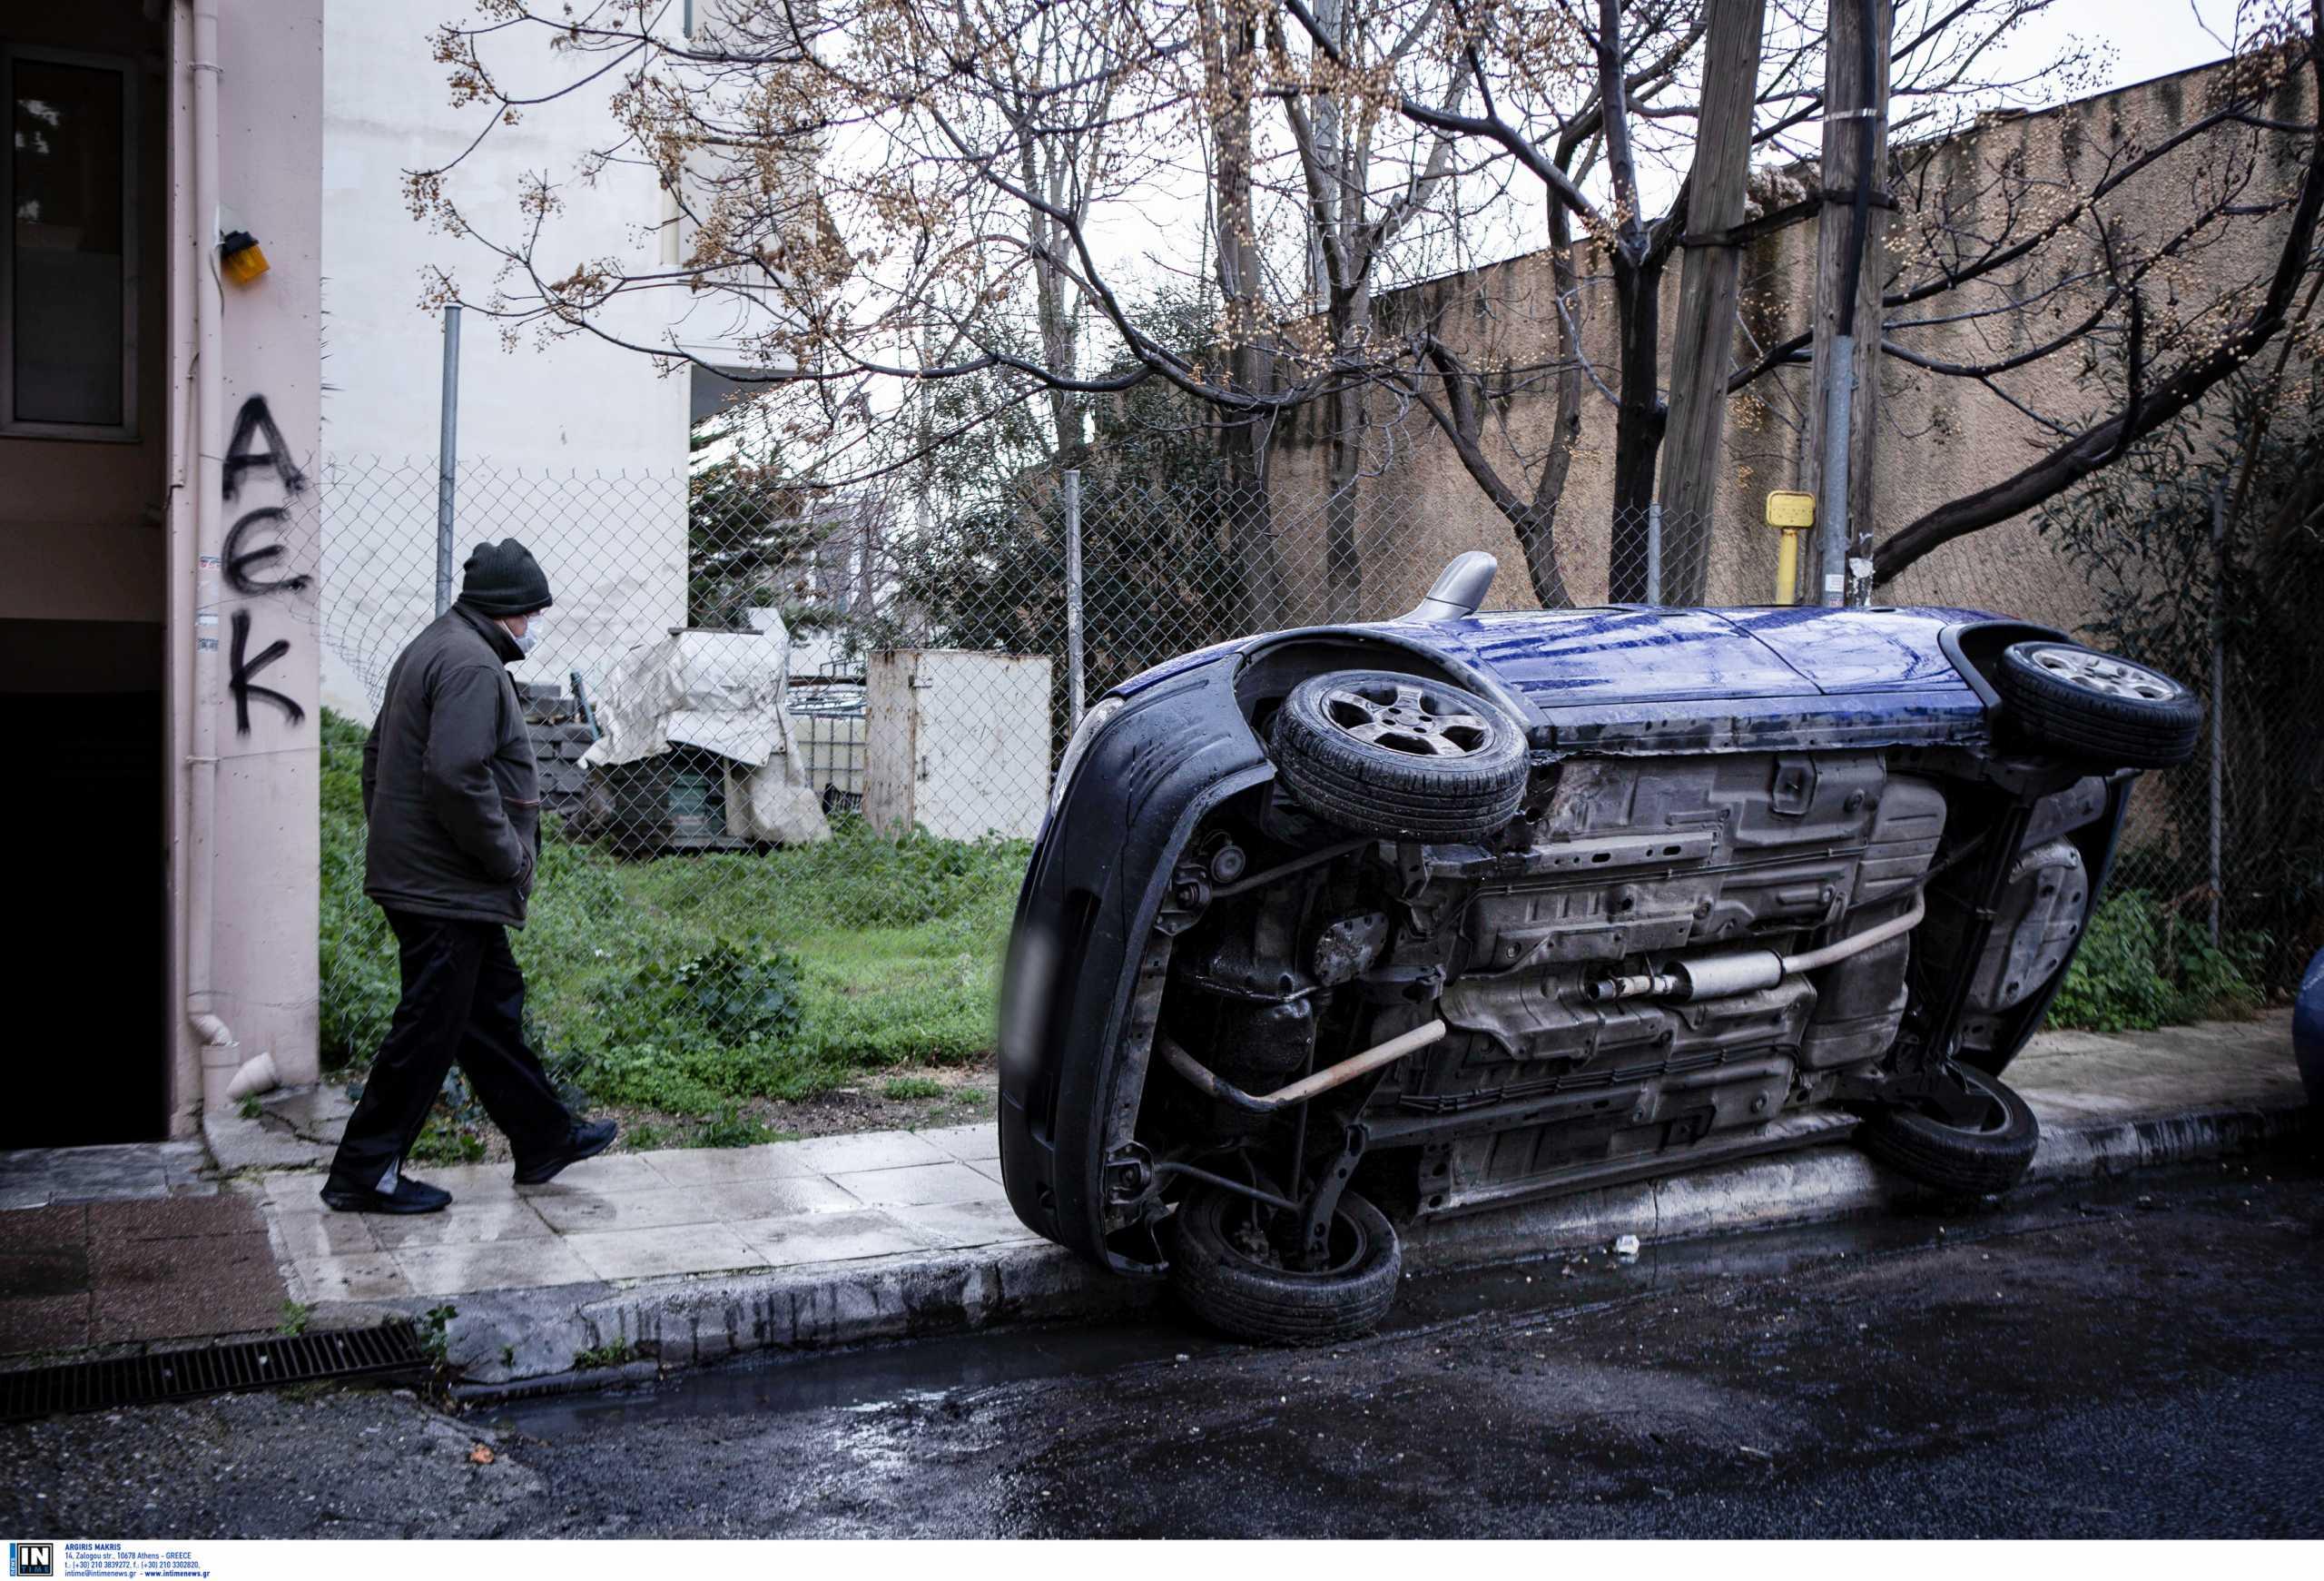 Σήκωσαν κι άλλο αυτοκίνητο και πήραν τον καταλύτη (pics)